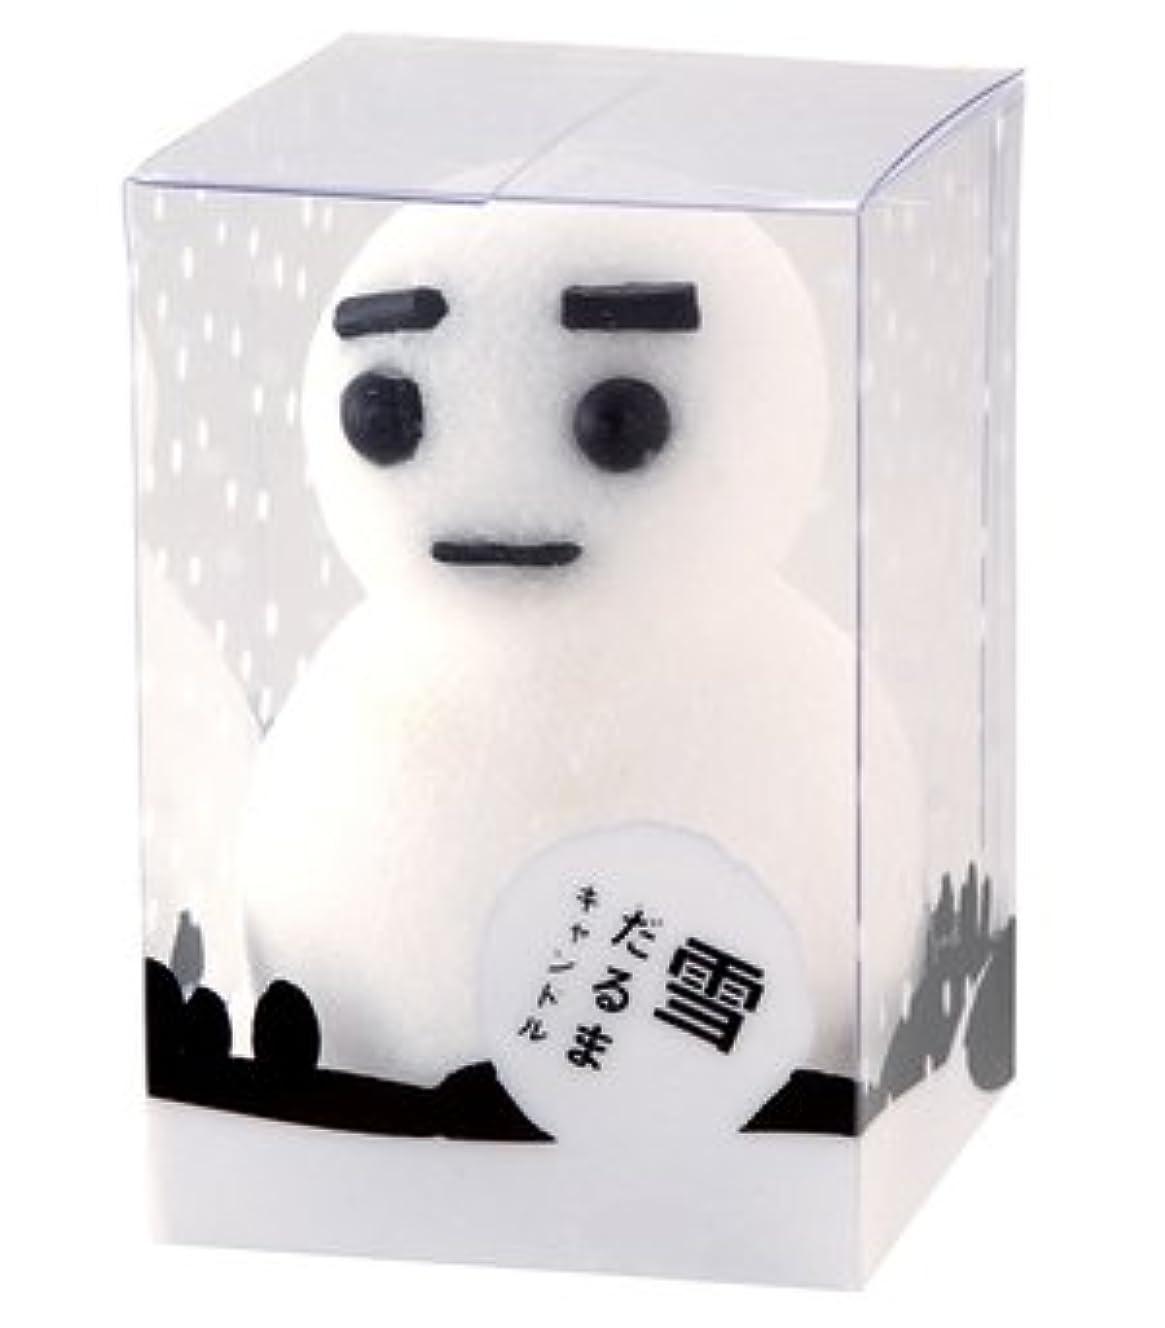 人形支援する明確に雪だるまキャンドルM 21510010